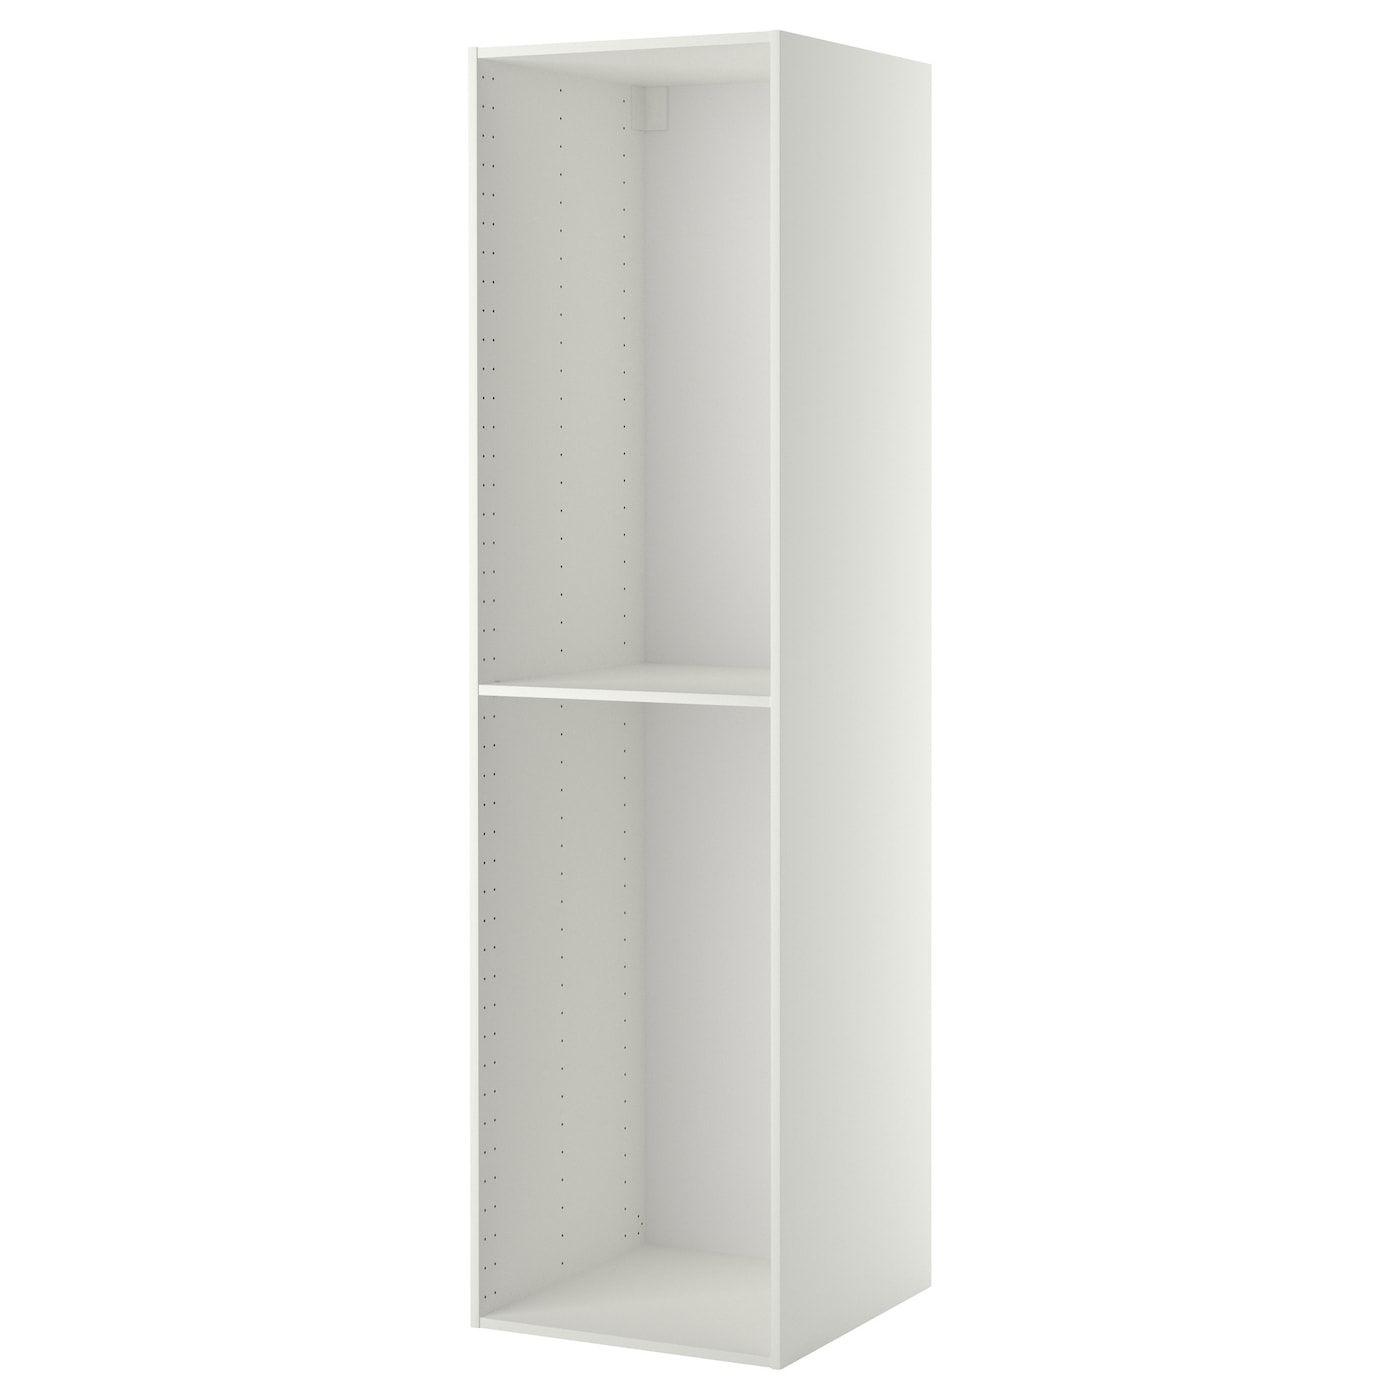 Metod High Cabinet Frame White 60x60x220 Cm Mit Bildern